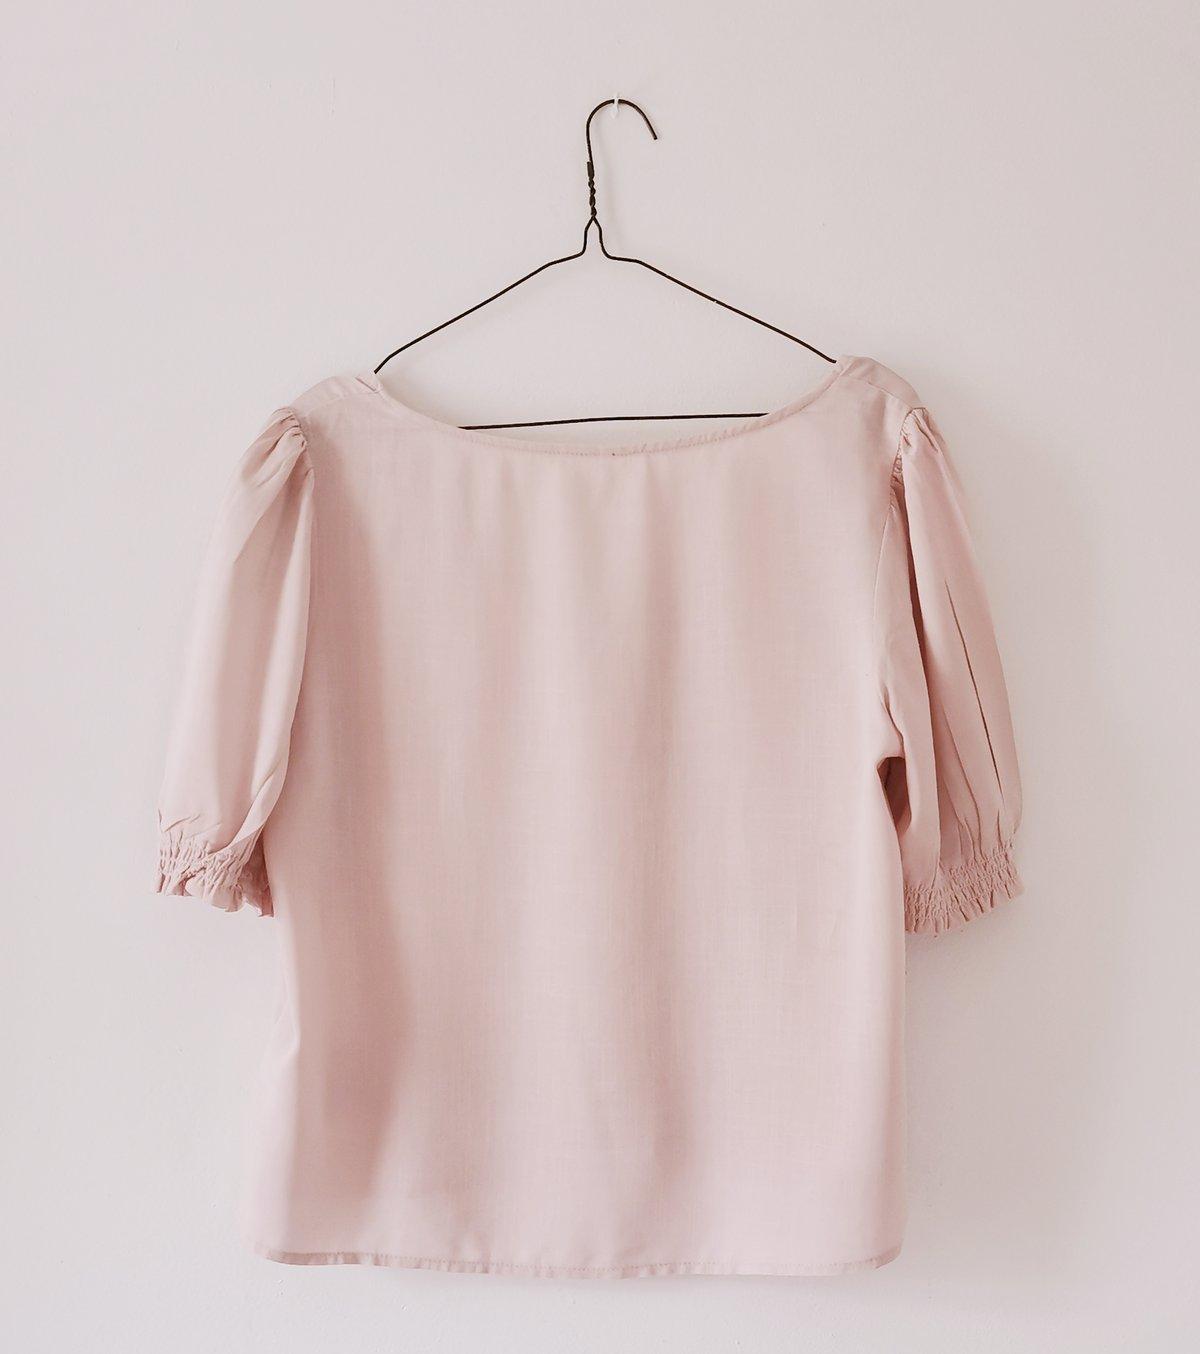 Image of marsha blouse